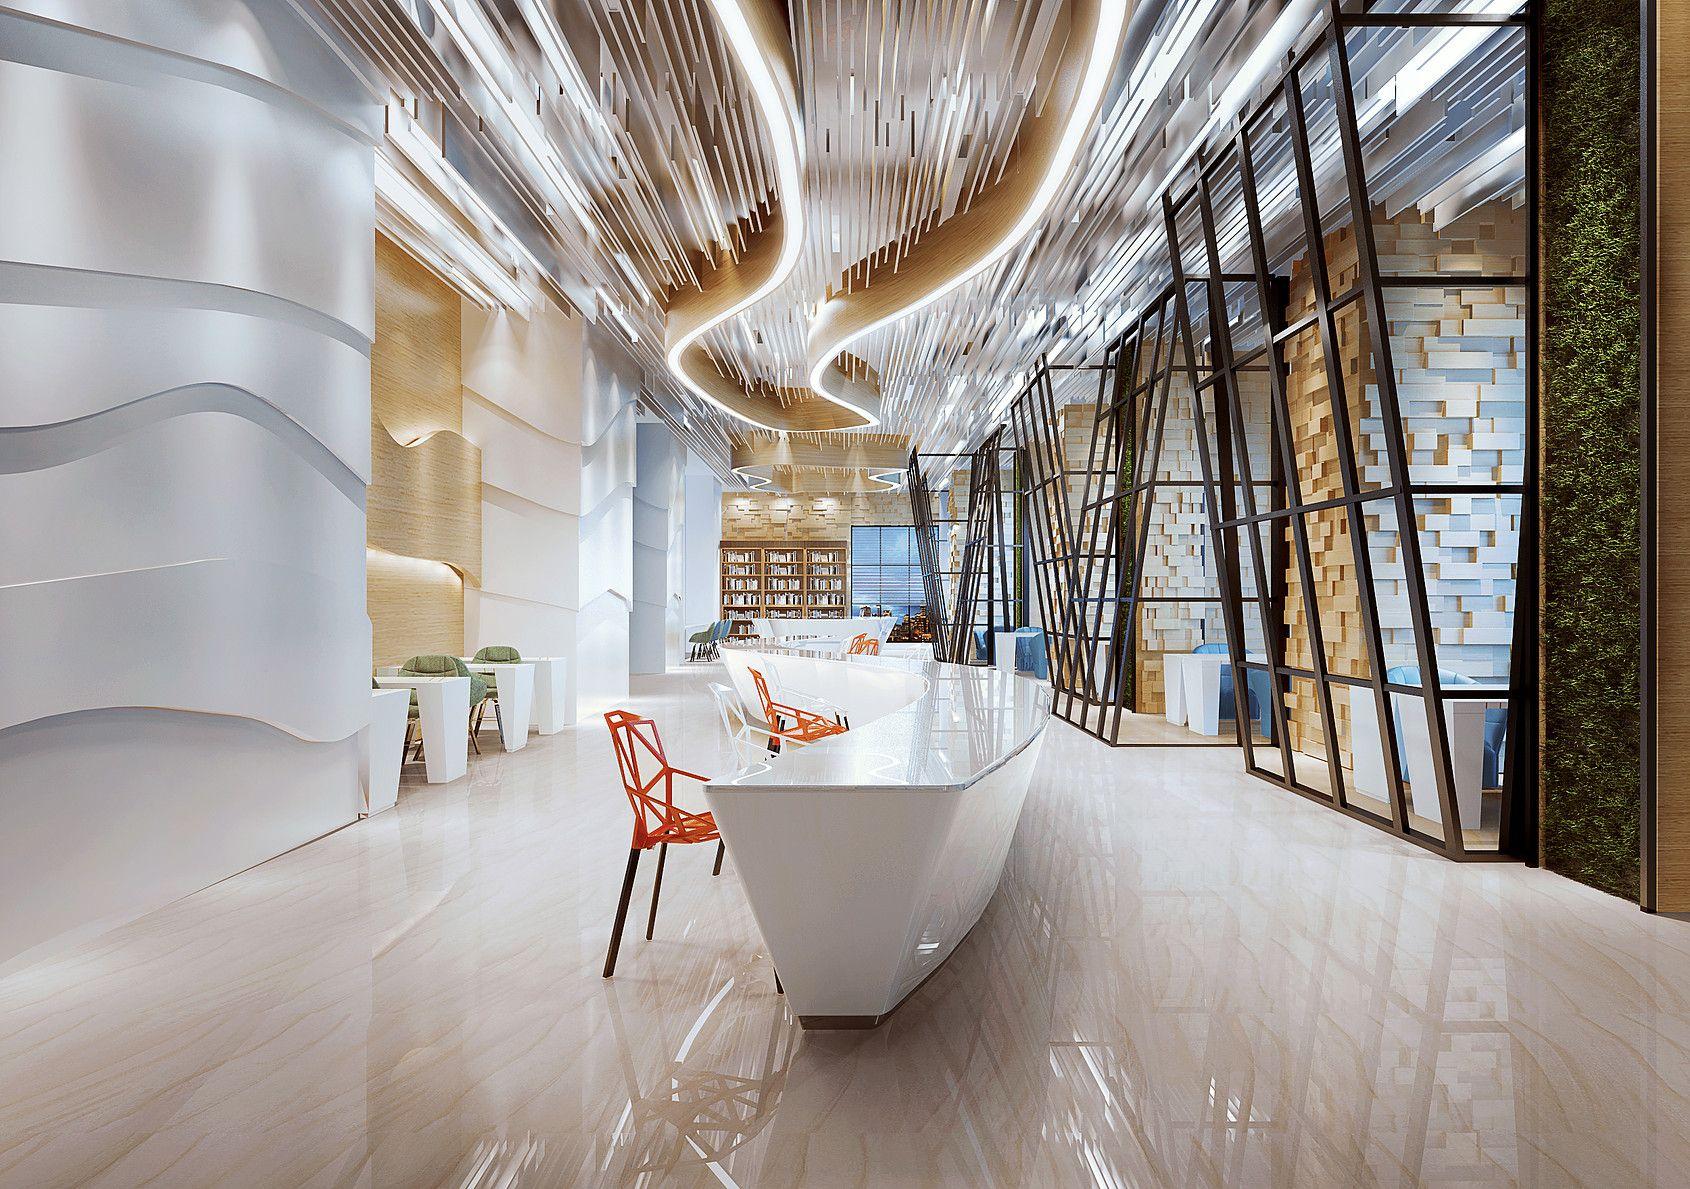 videavision Interiors Corporate interiors, Interior